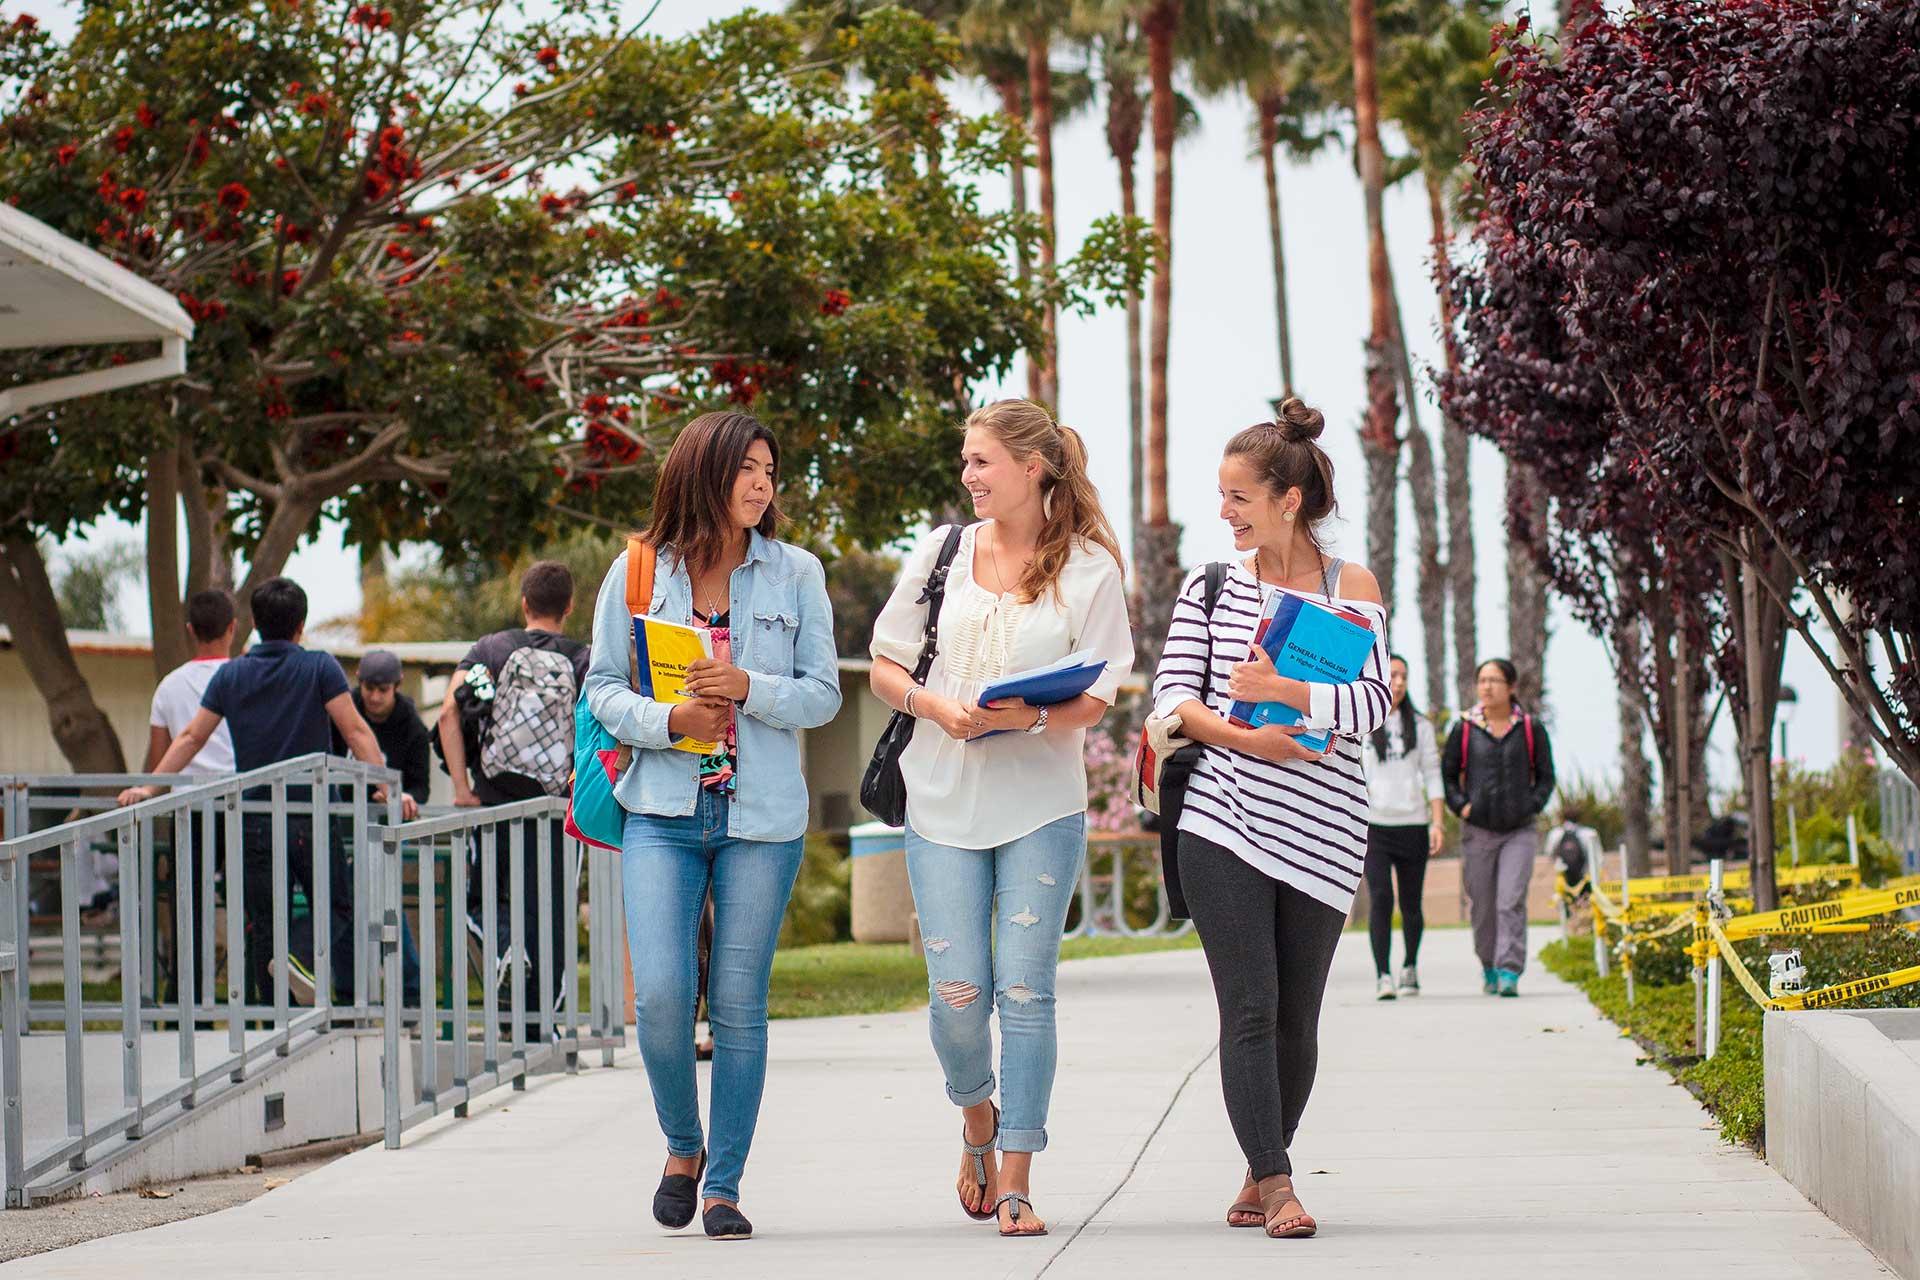 Kaplan Santa Barbara Campus